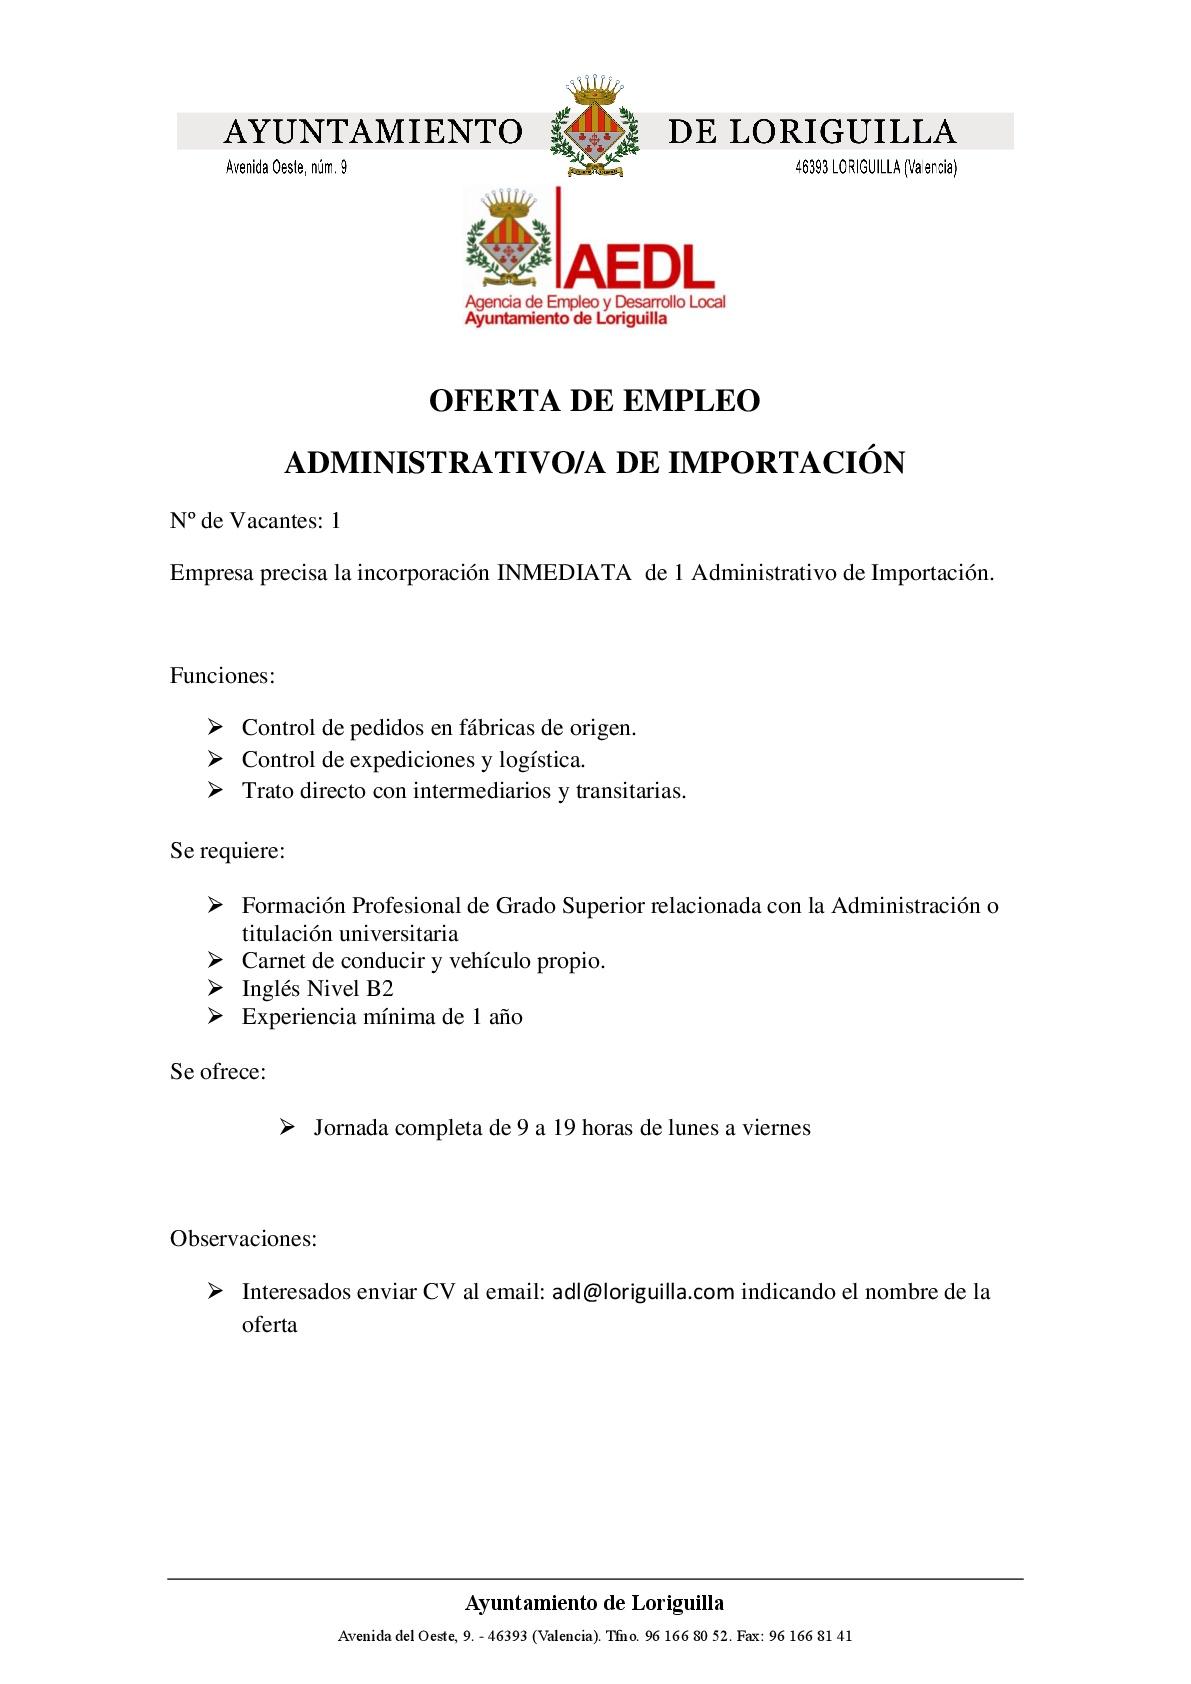 Oferta de empleo Administrativo Importación